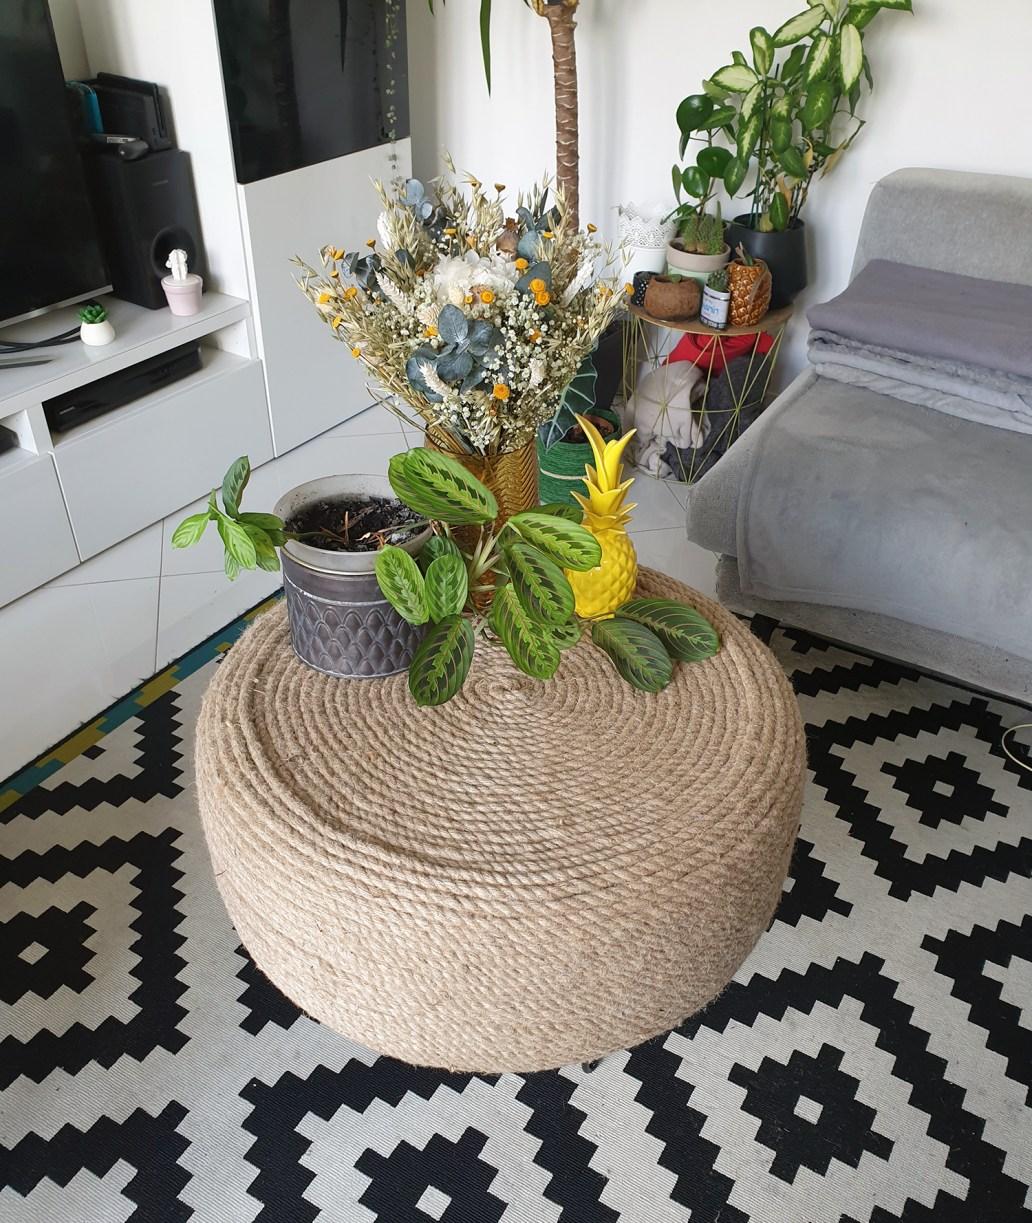 20201012 131249 - Laisser les fleurs séchées envahir la décoration